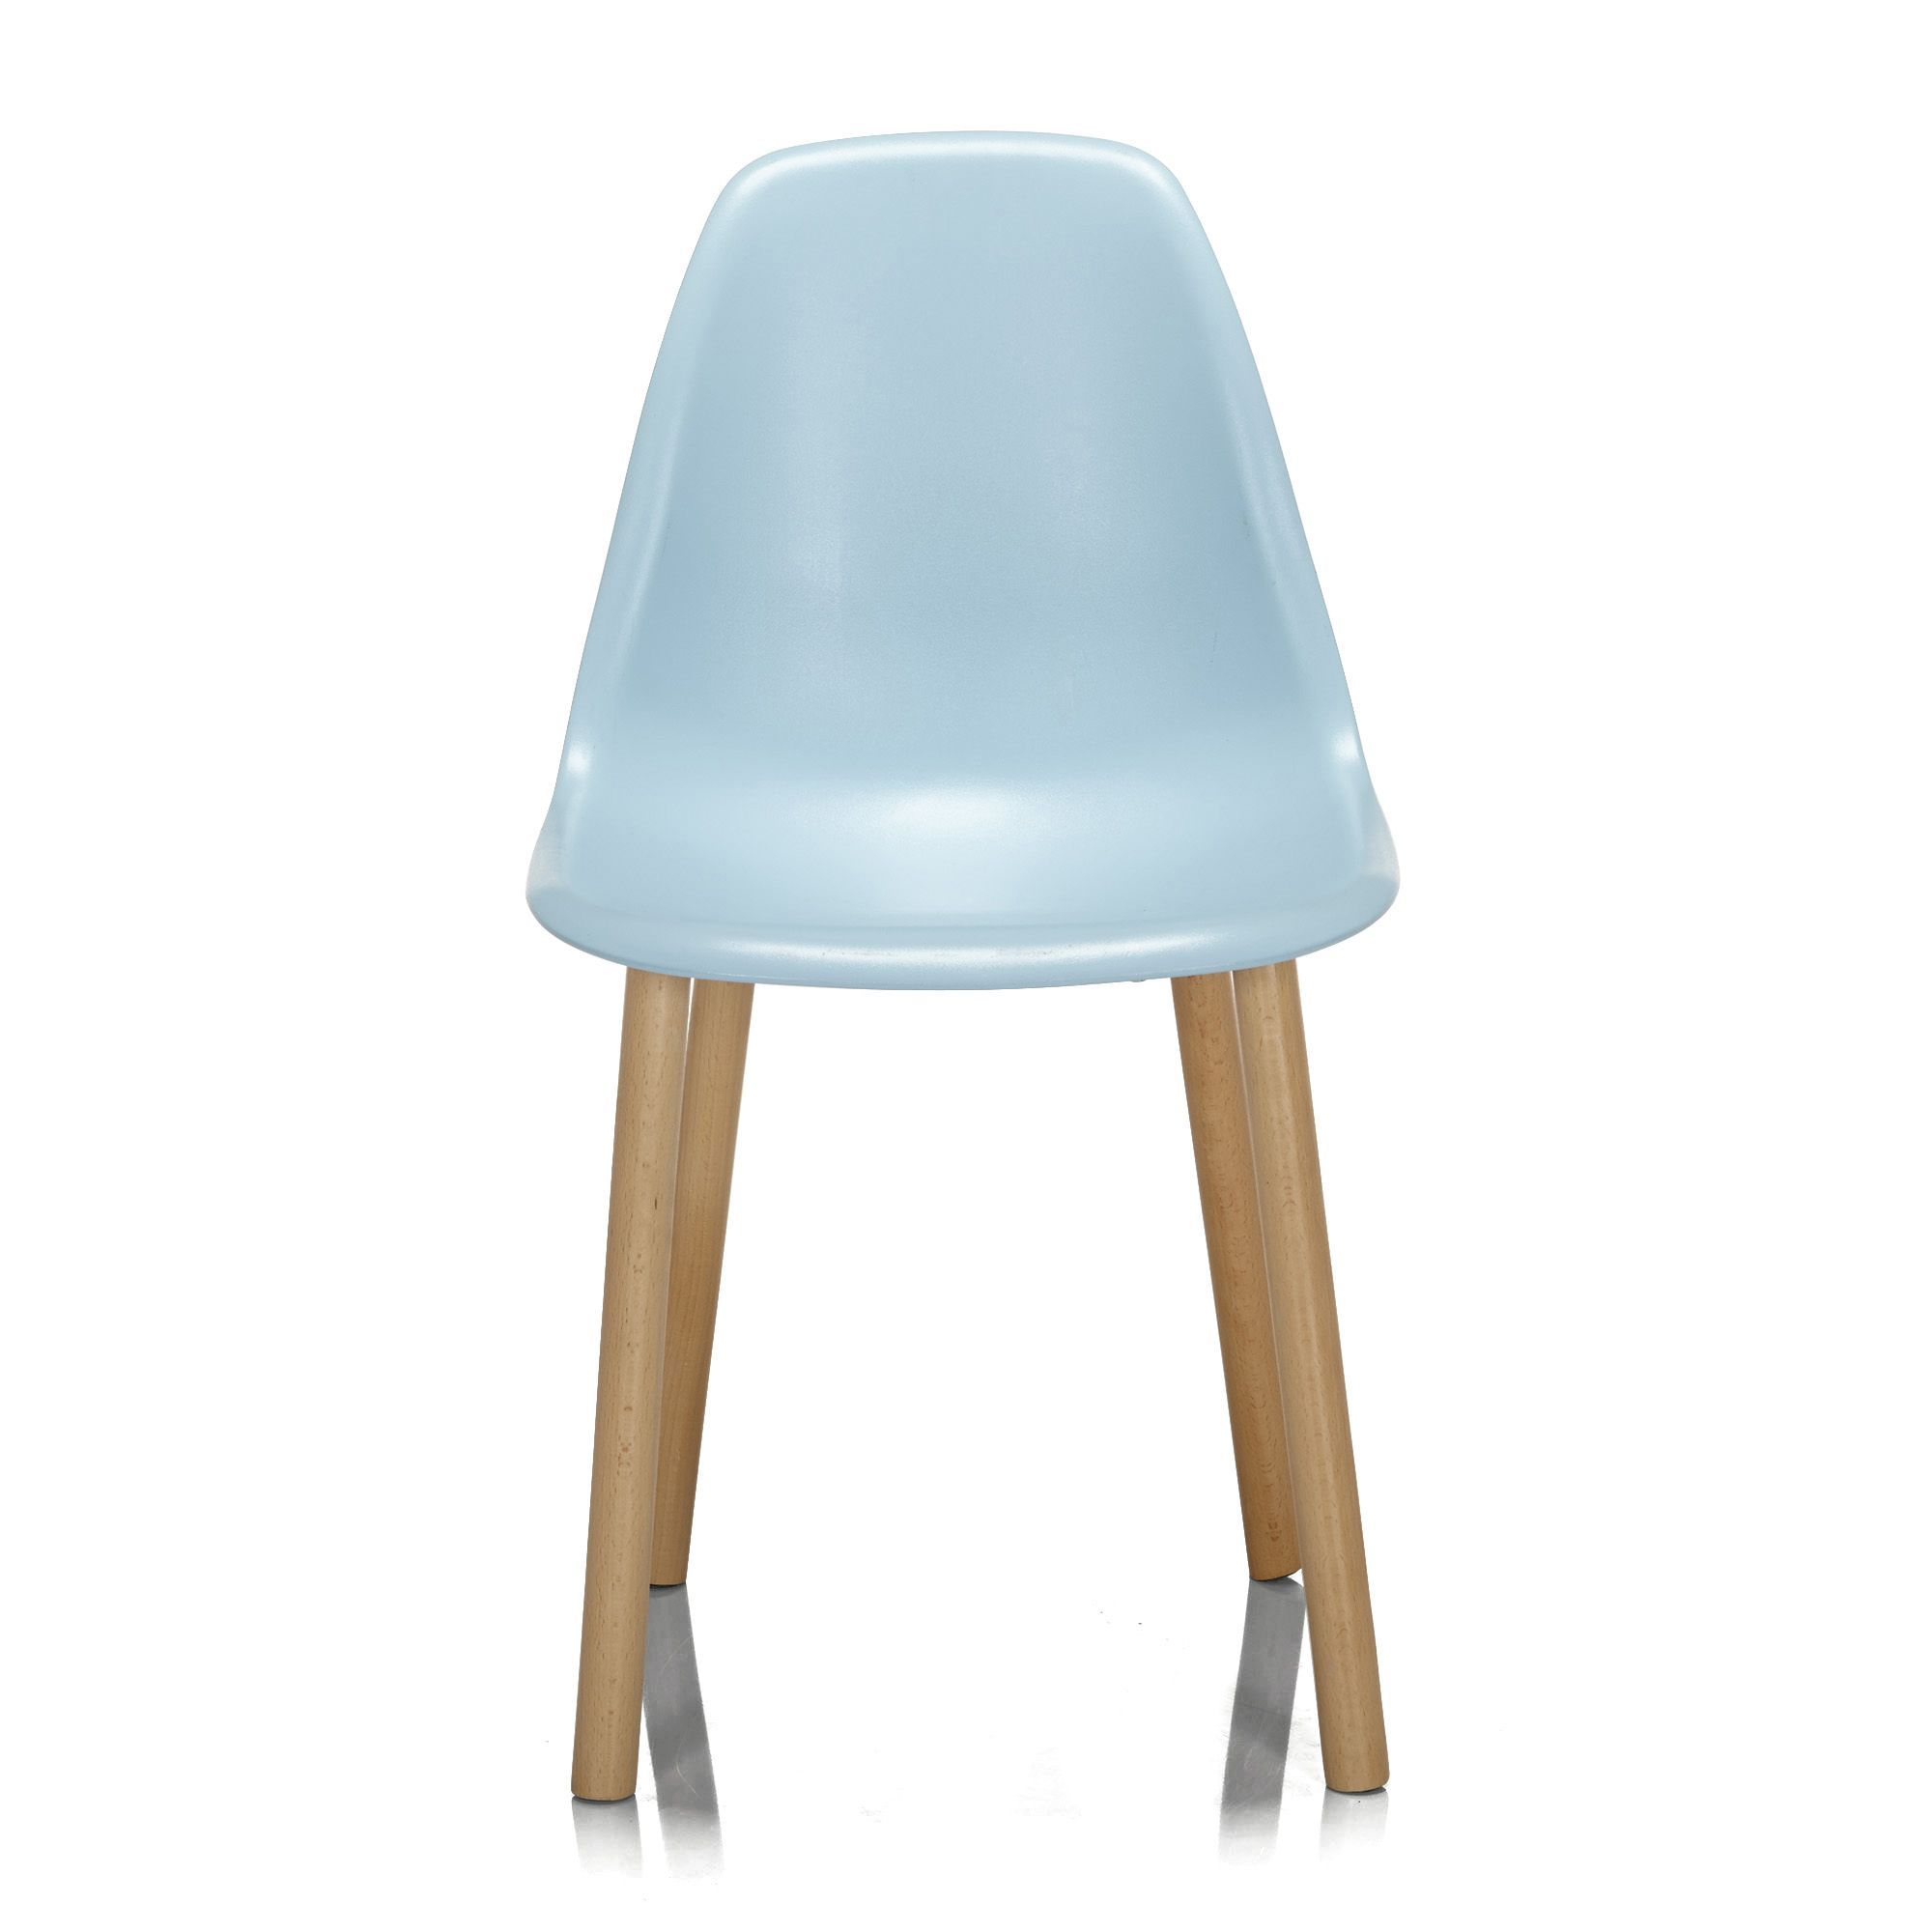 Chaise bleue avec pi tement en bois design scandinave bleu hop les chaise - Chaises scandinaves bois ...